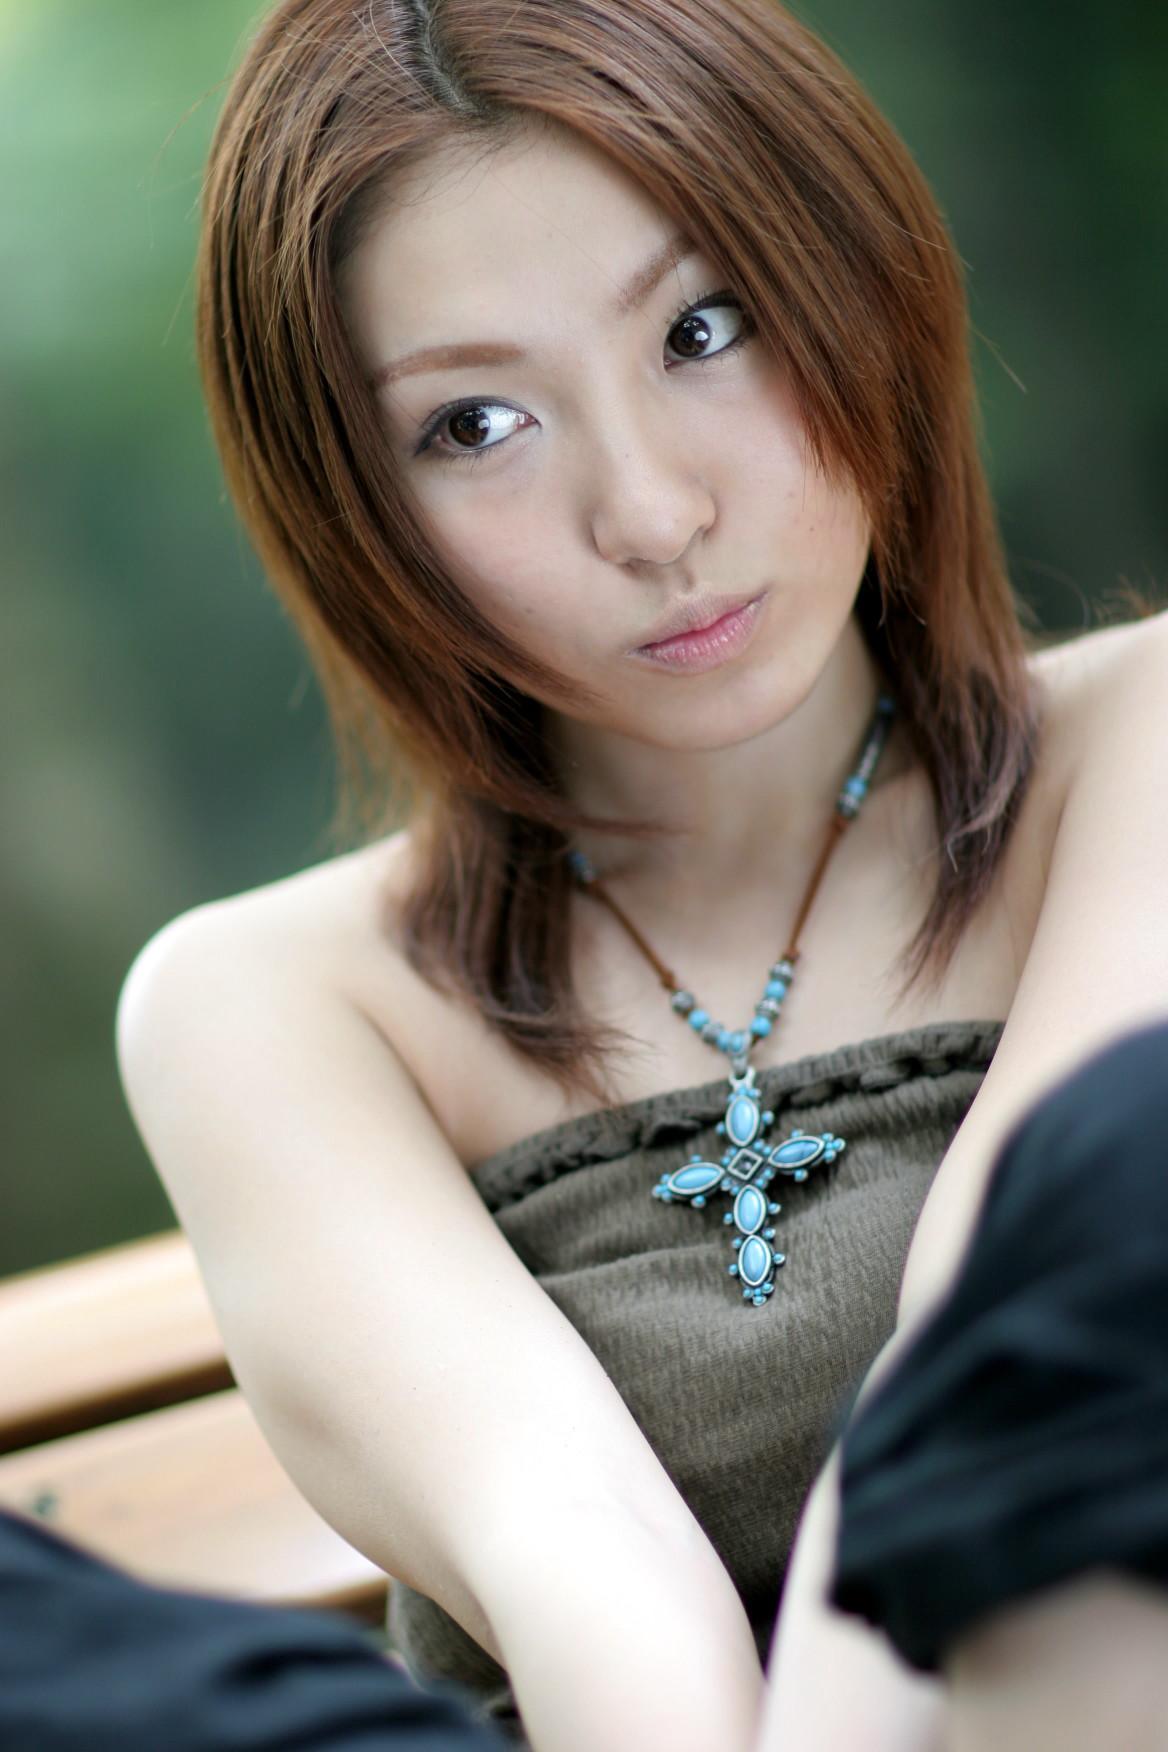 福愛美の画像 p1_23